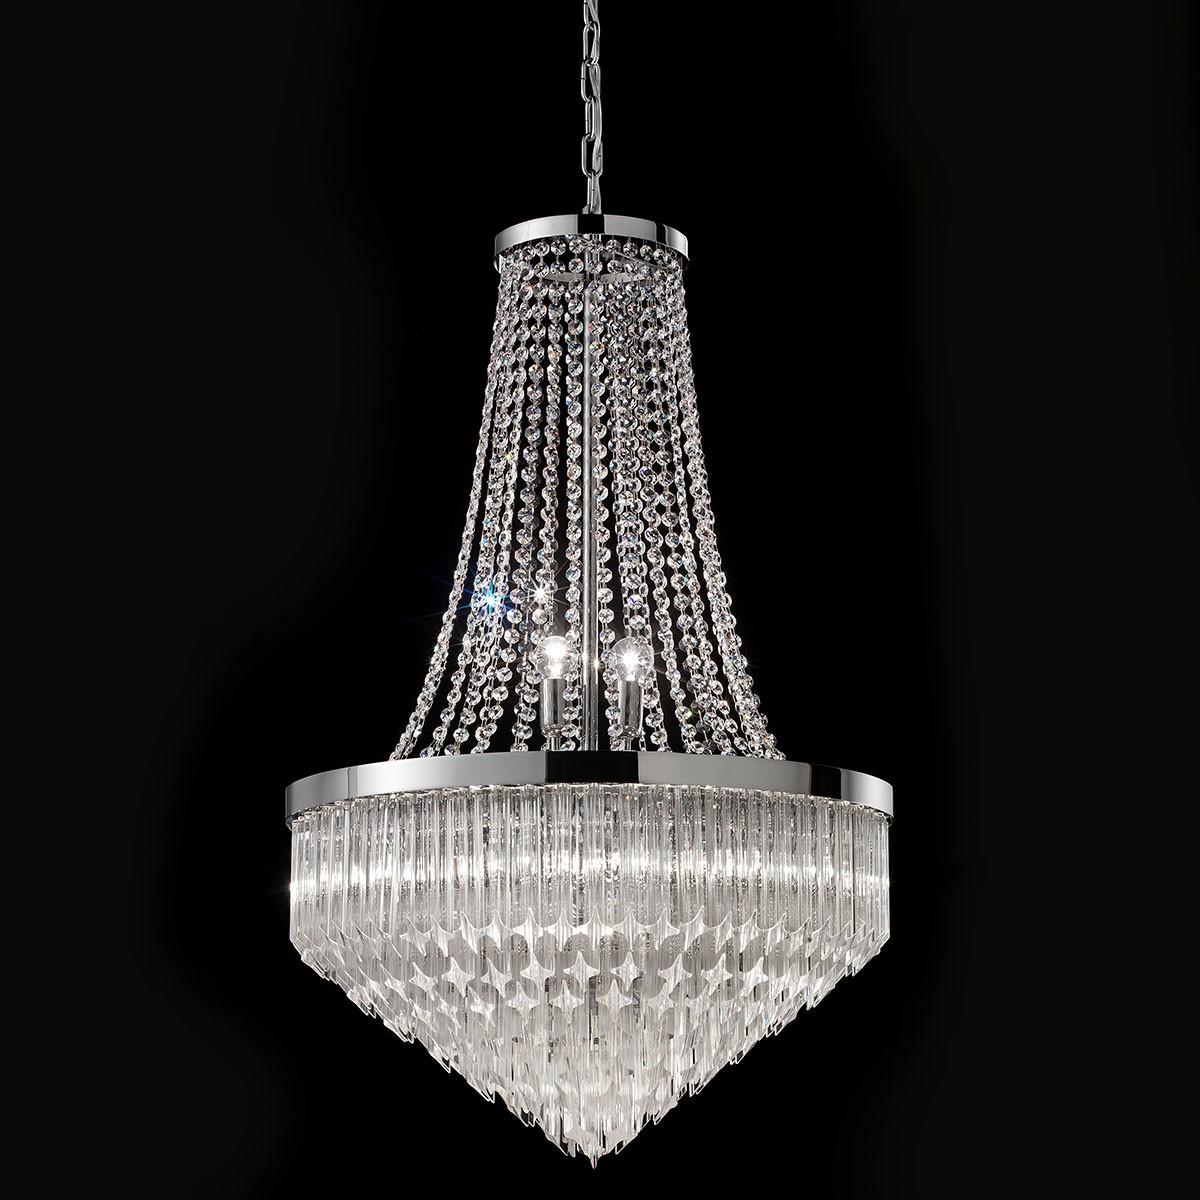 """""""Bella"""" lampara de araña de Murano - 8 luces - transparente y cromo"""